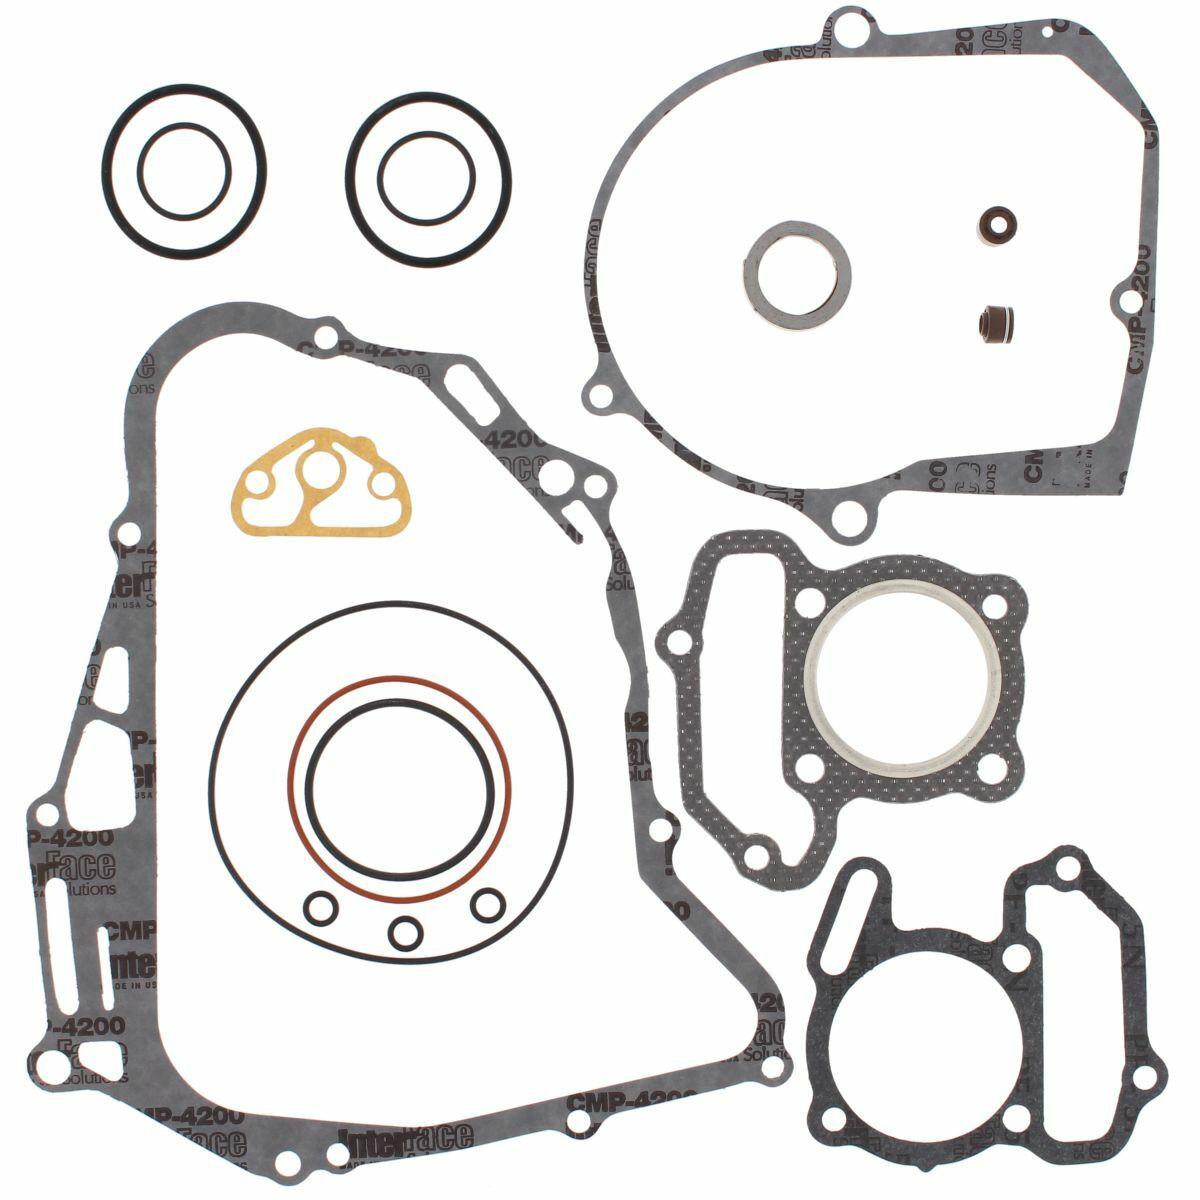 Obrázek produktu Sada těsnění motoru kompletní WINDEROSA